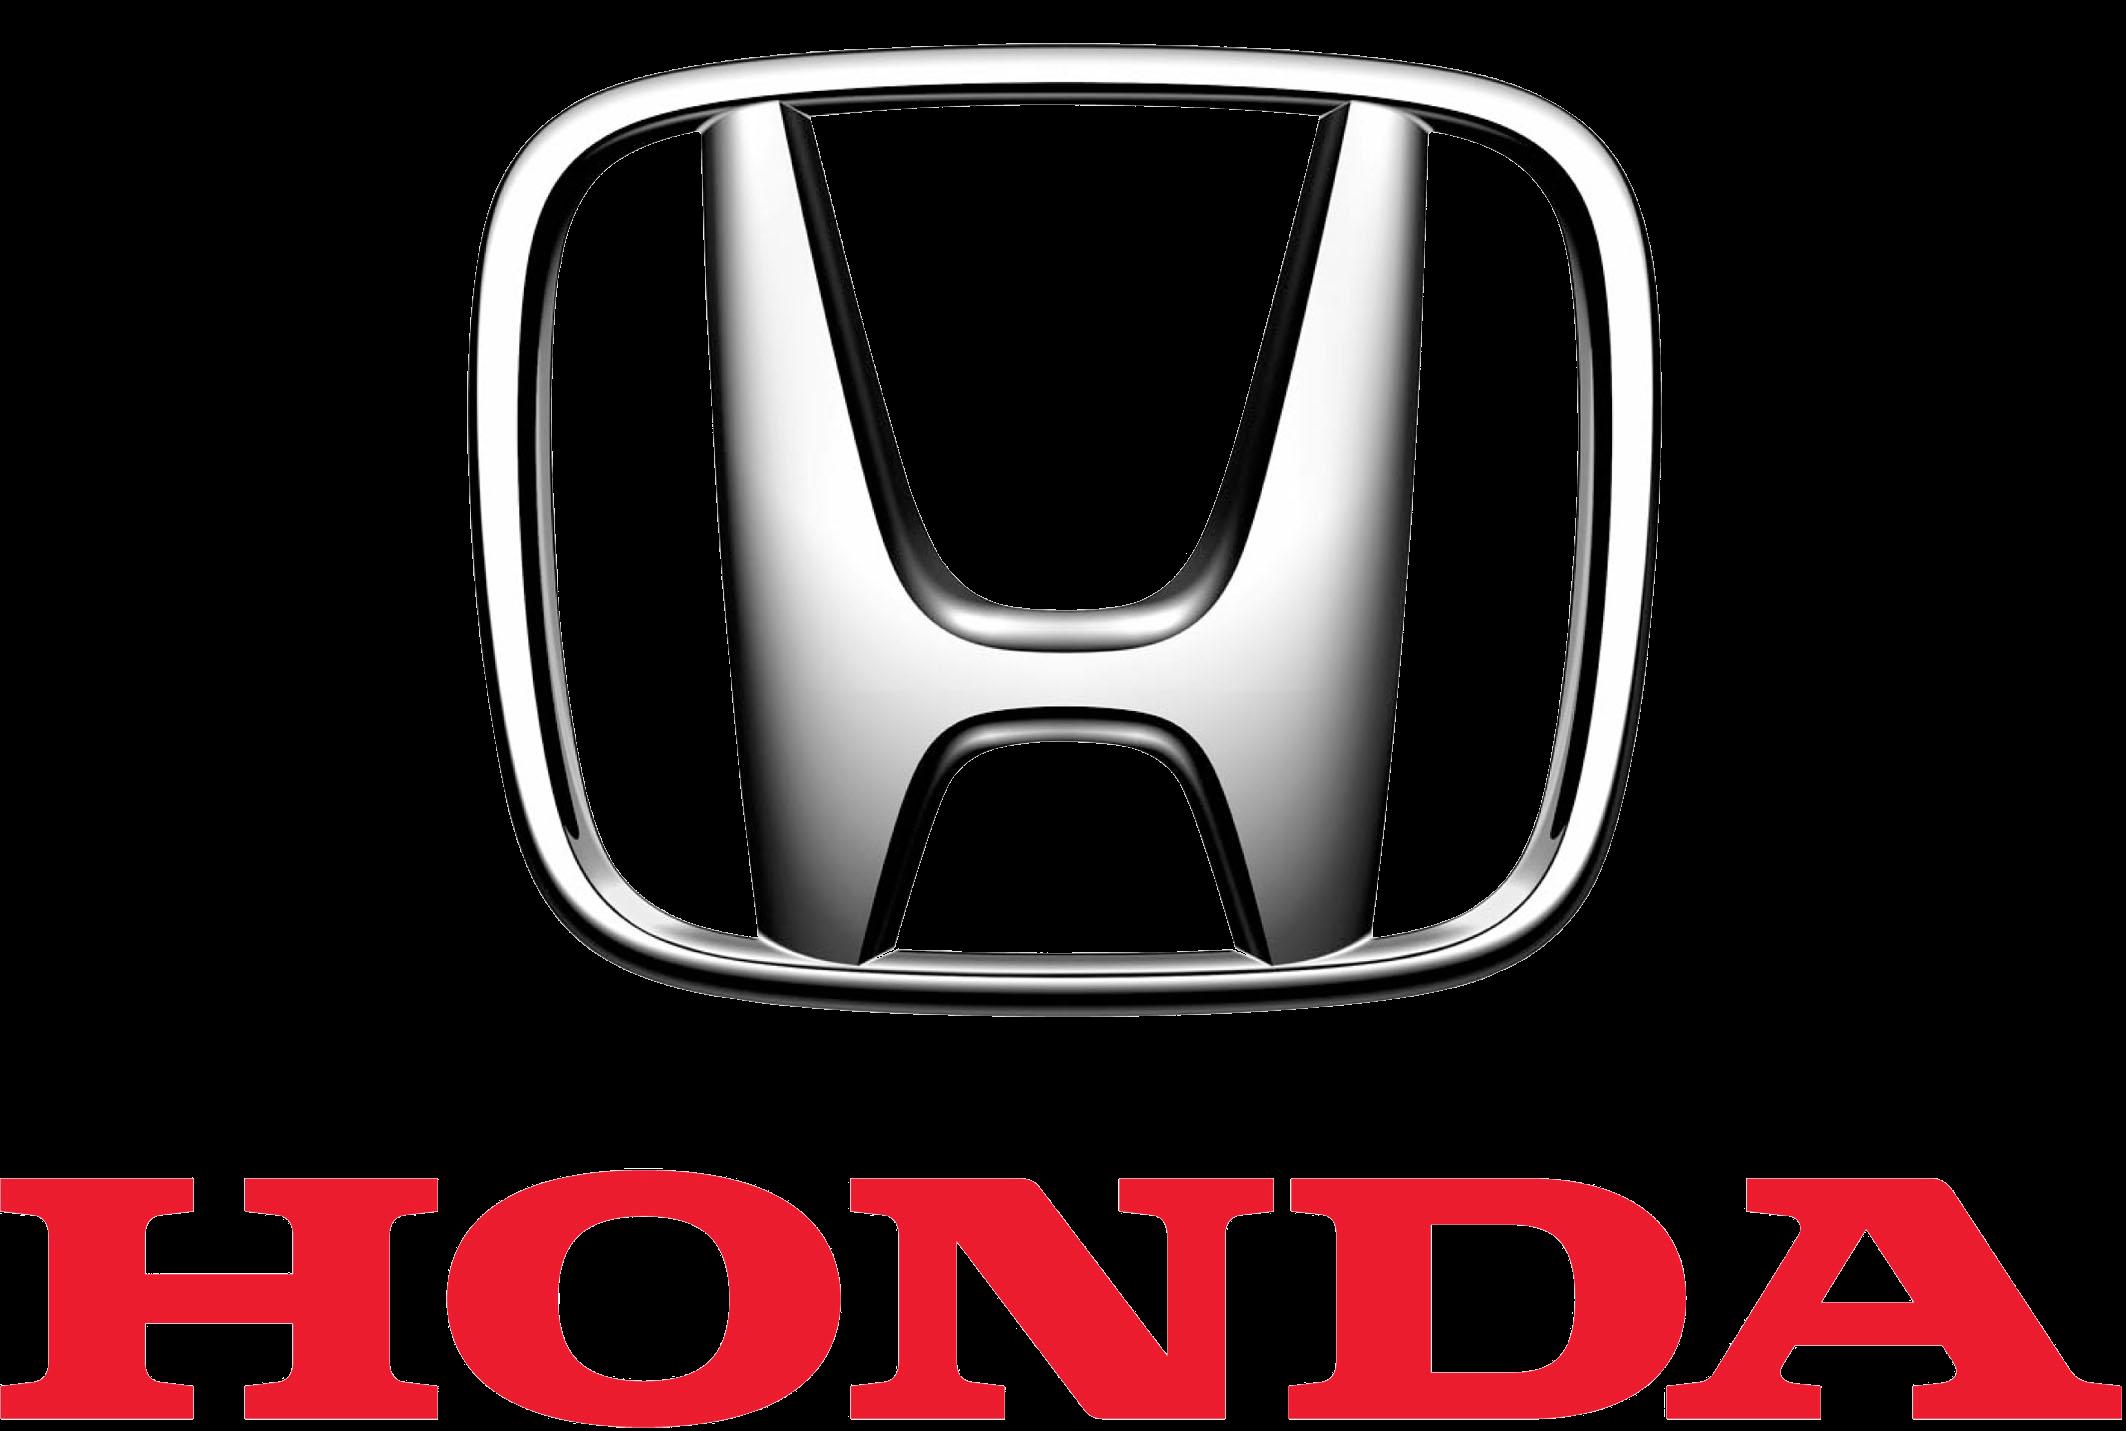 Pin by diana Watson on Logo Honda logo, Honda, Honda cars